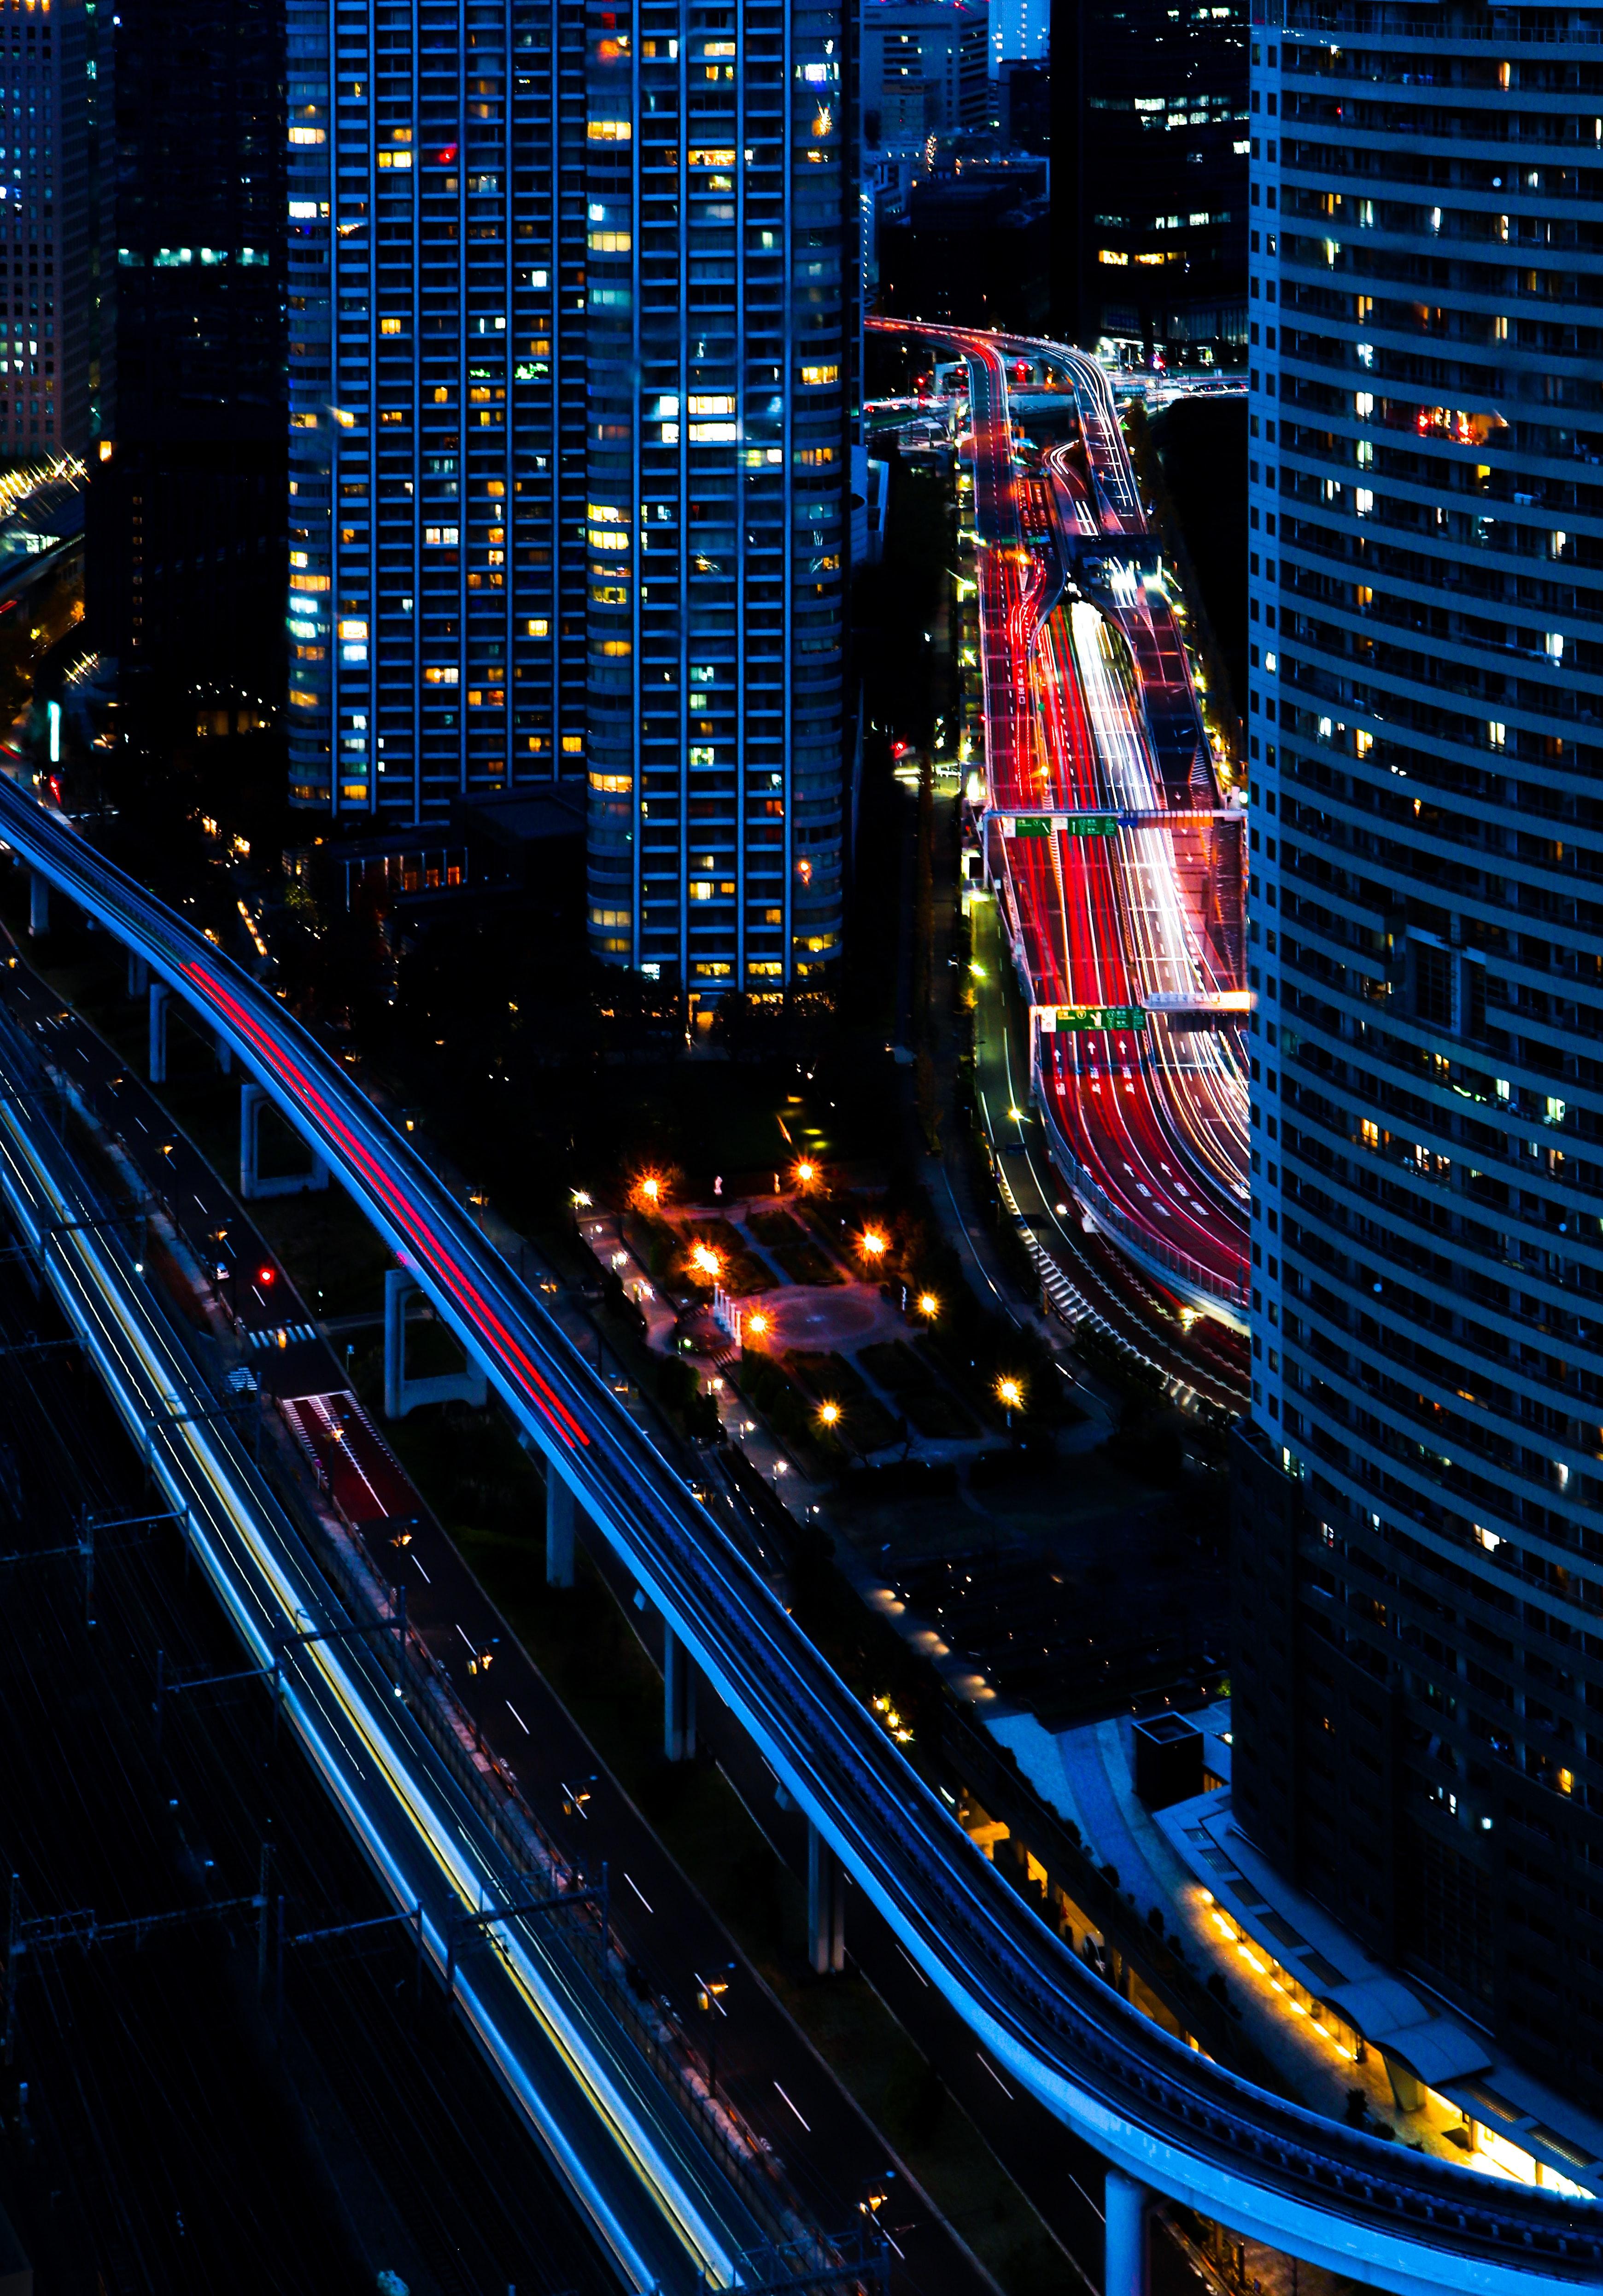 130552 Hintergrundbild herunterladen Städte, Roads, Übernachtung, Stadt, Gebäude, Blick Von Oben, Dunkel - Bildschirmschoner und Bilder kostenlos